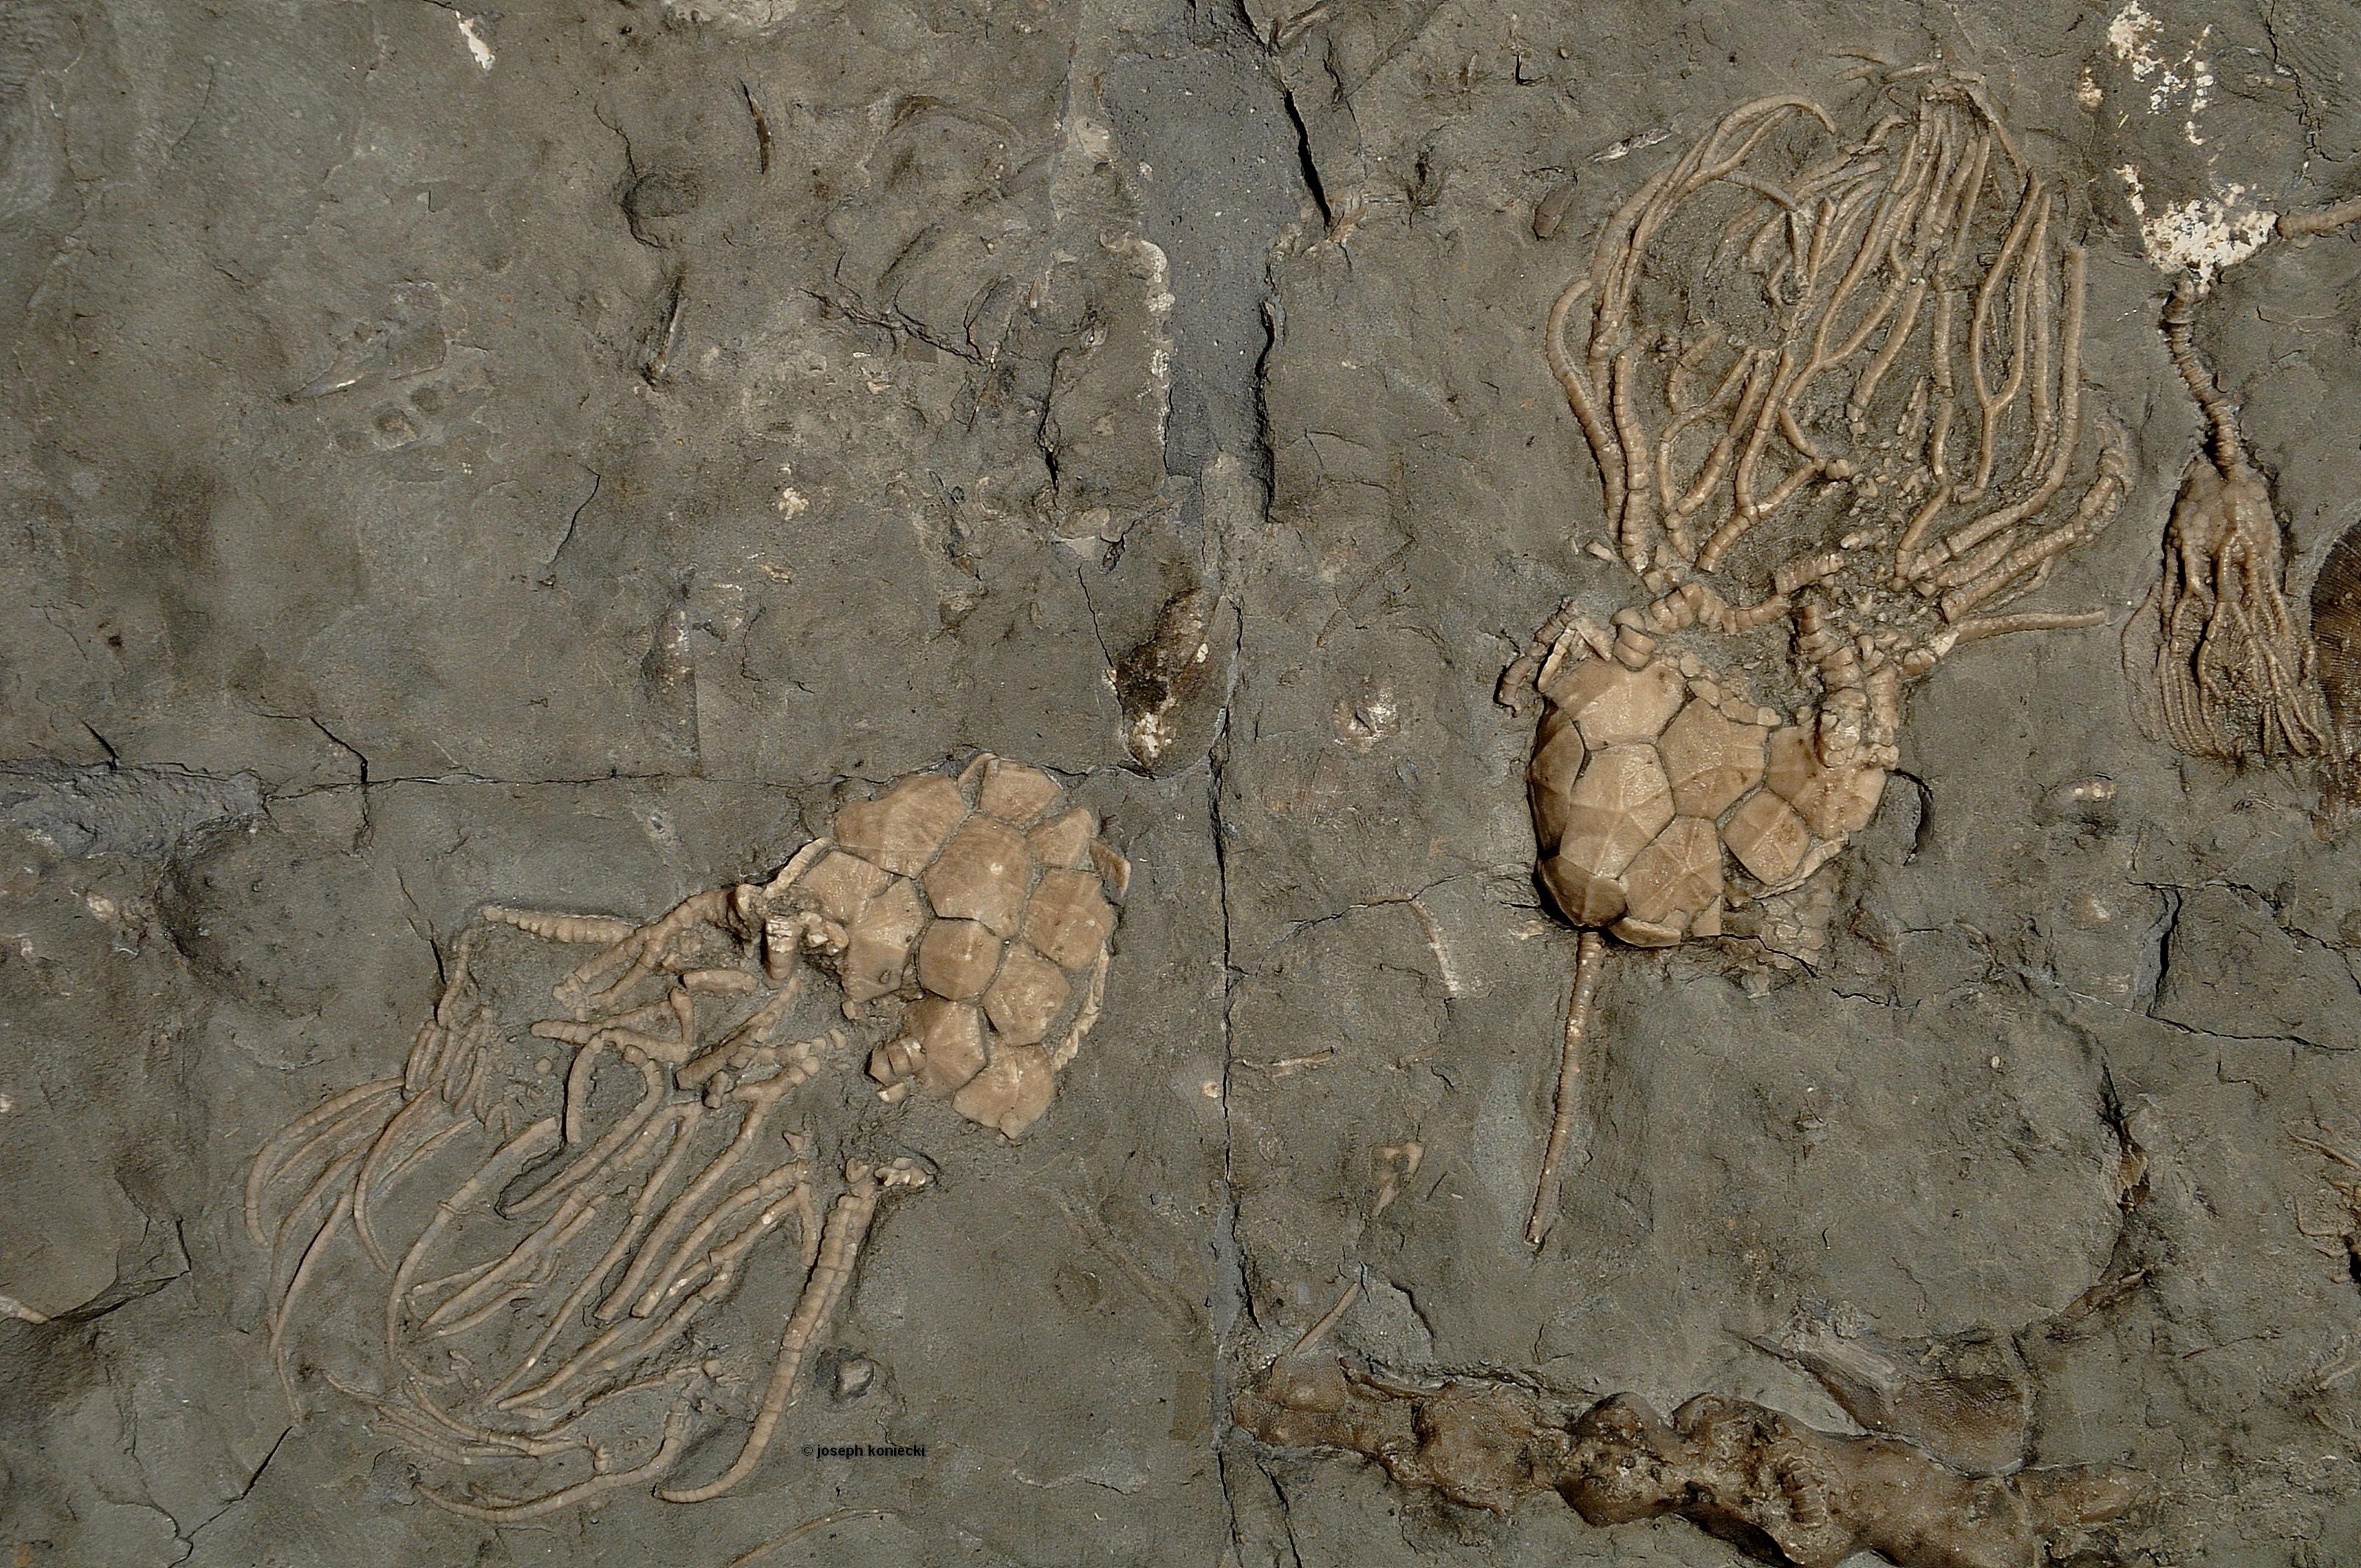 Carabocrinus